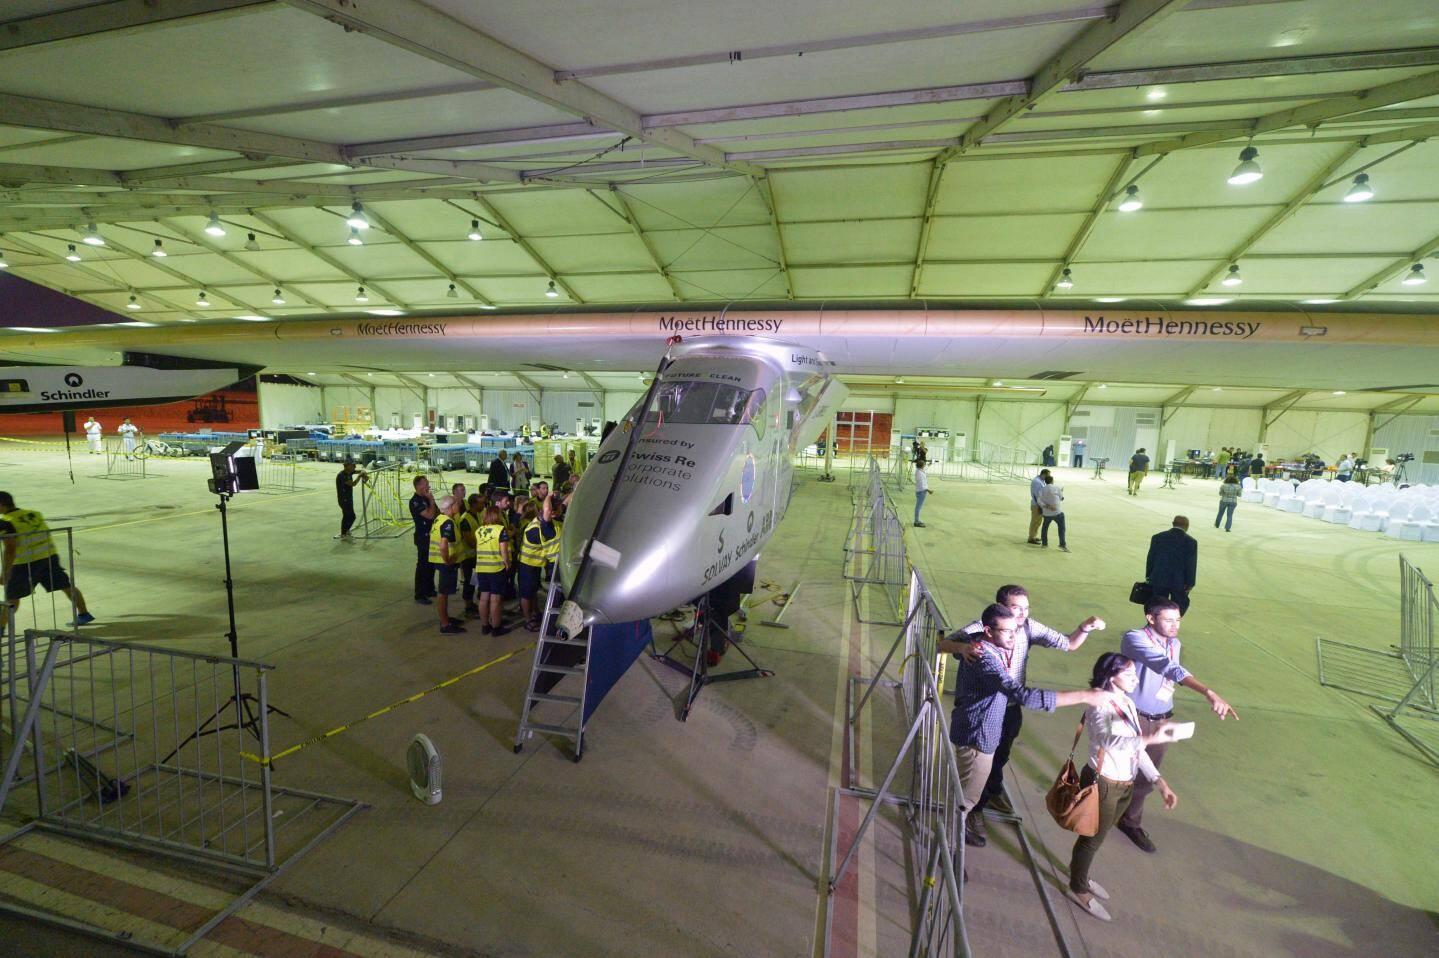 Des techniciens inspectent l'avion solaire à l'aéroport international du Caire.